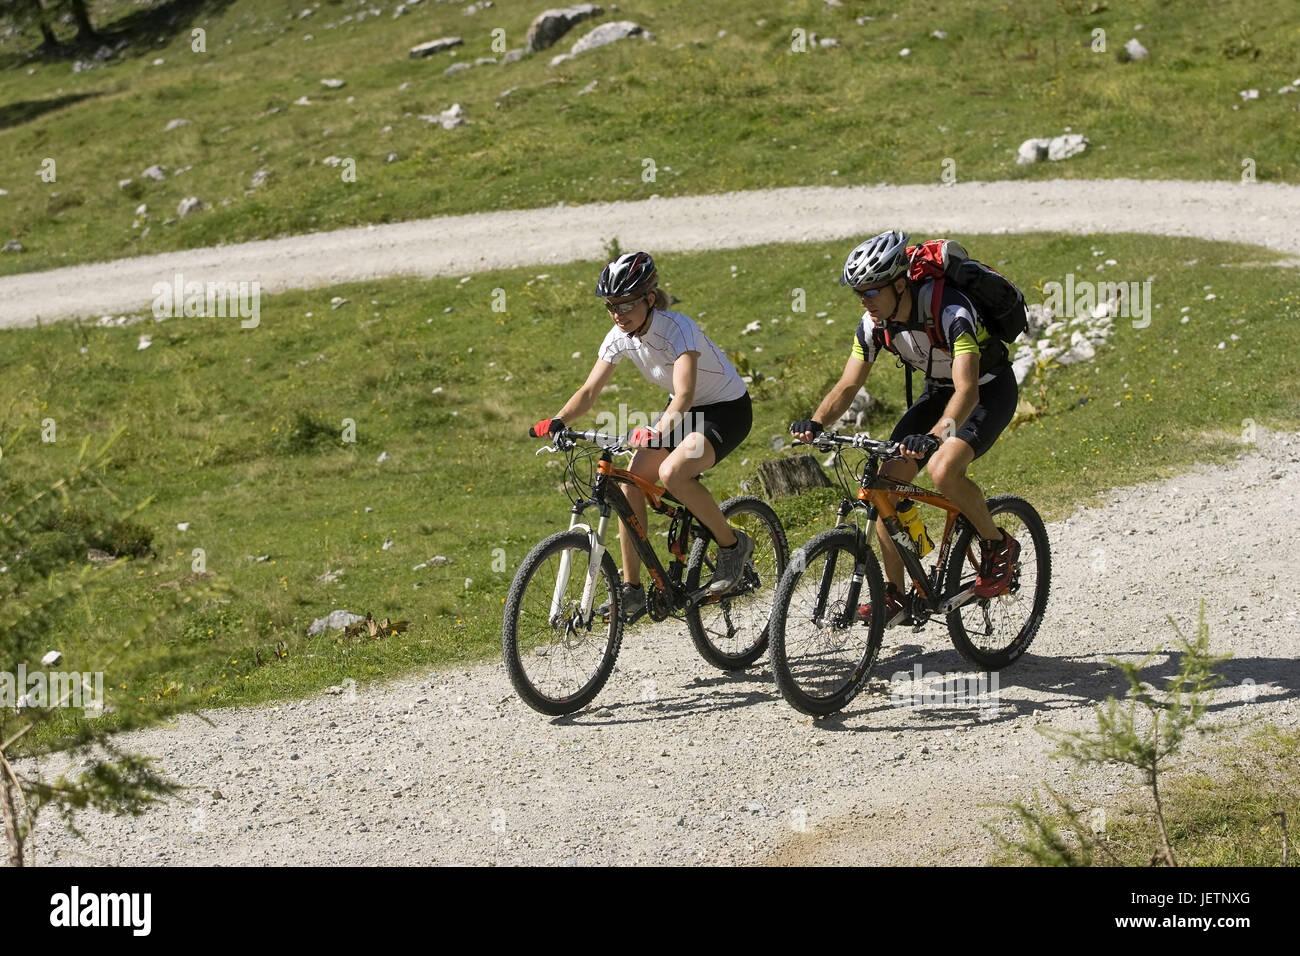 Mountain biker on the way, Mountainbiker unterwegs Stock Photo